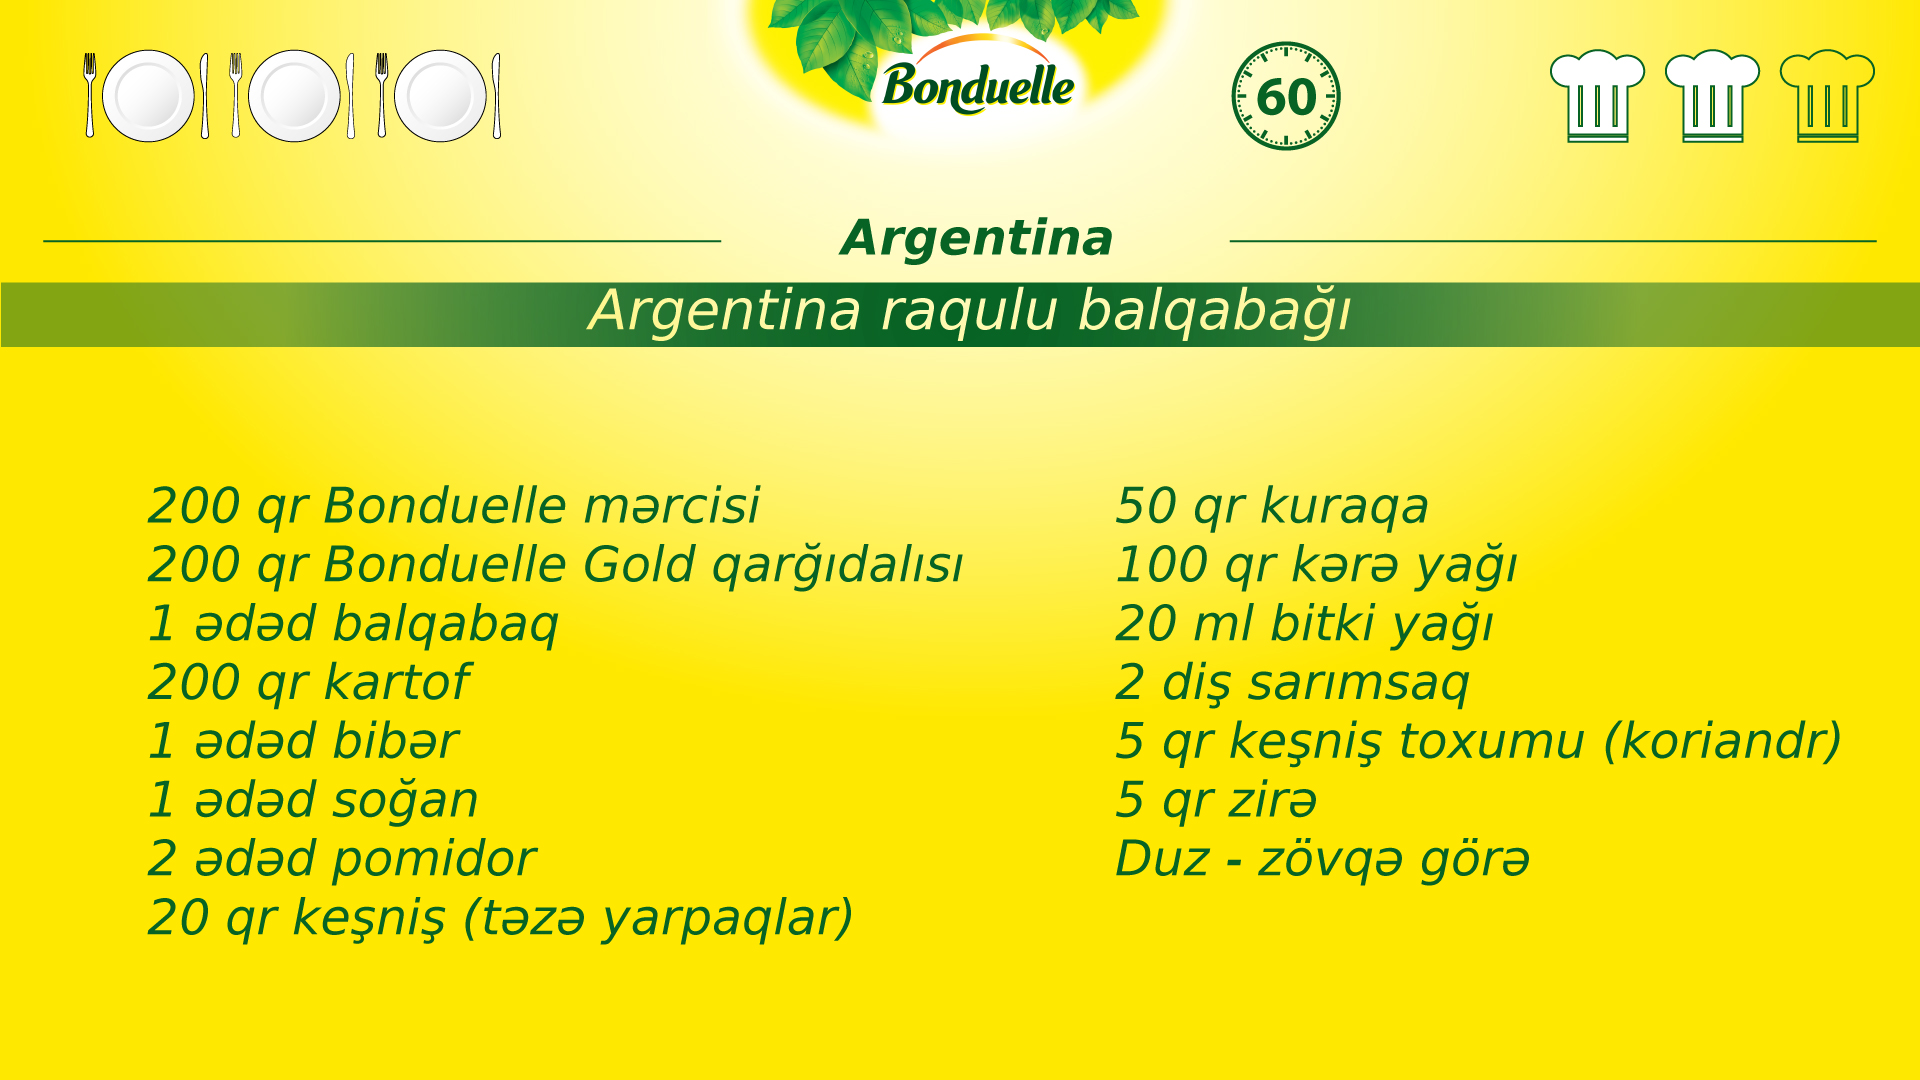 Argentina raqulu balqabağı